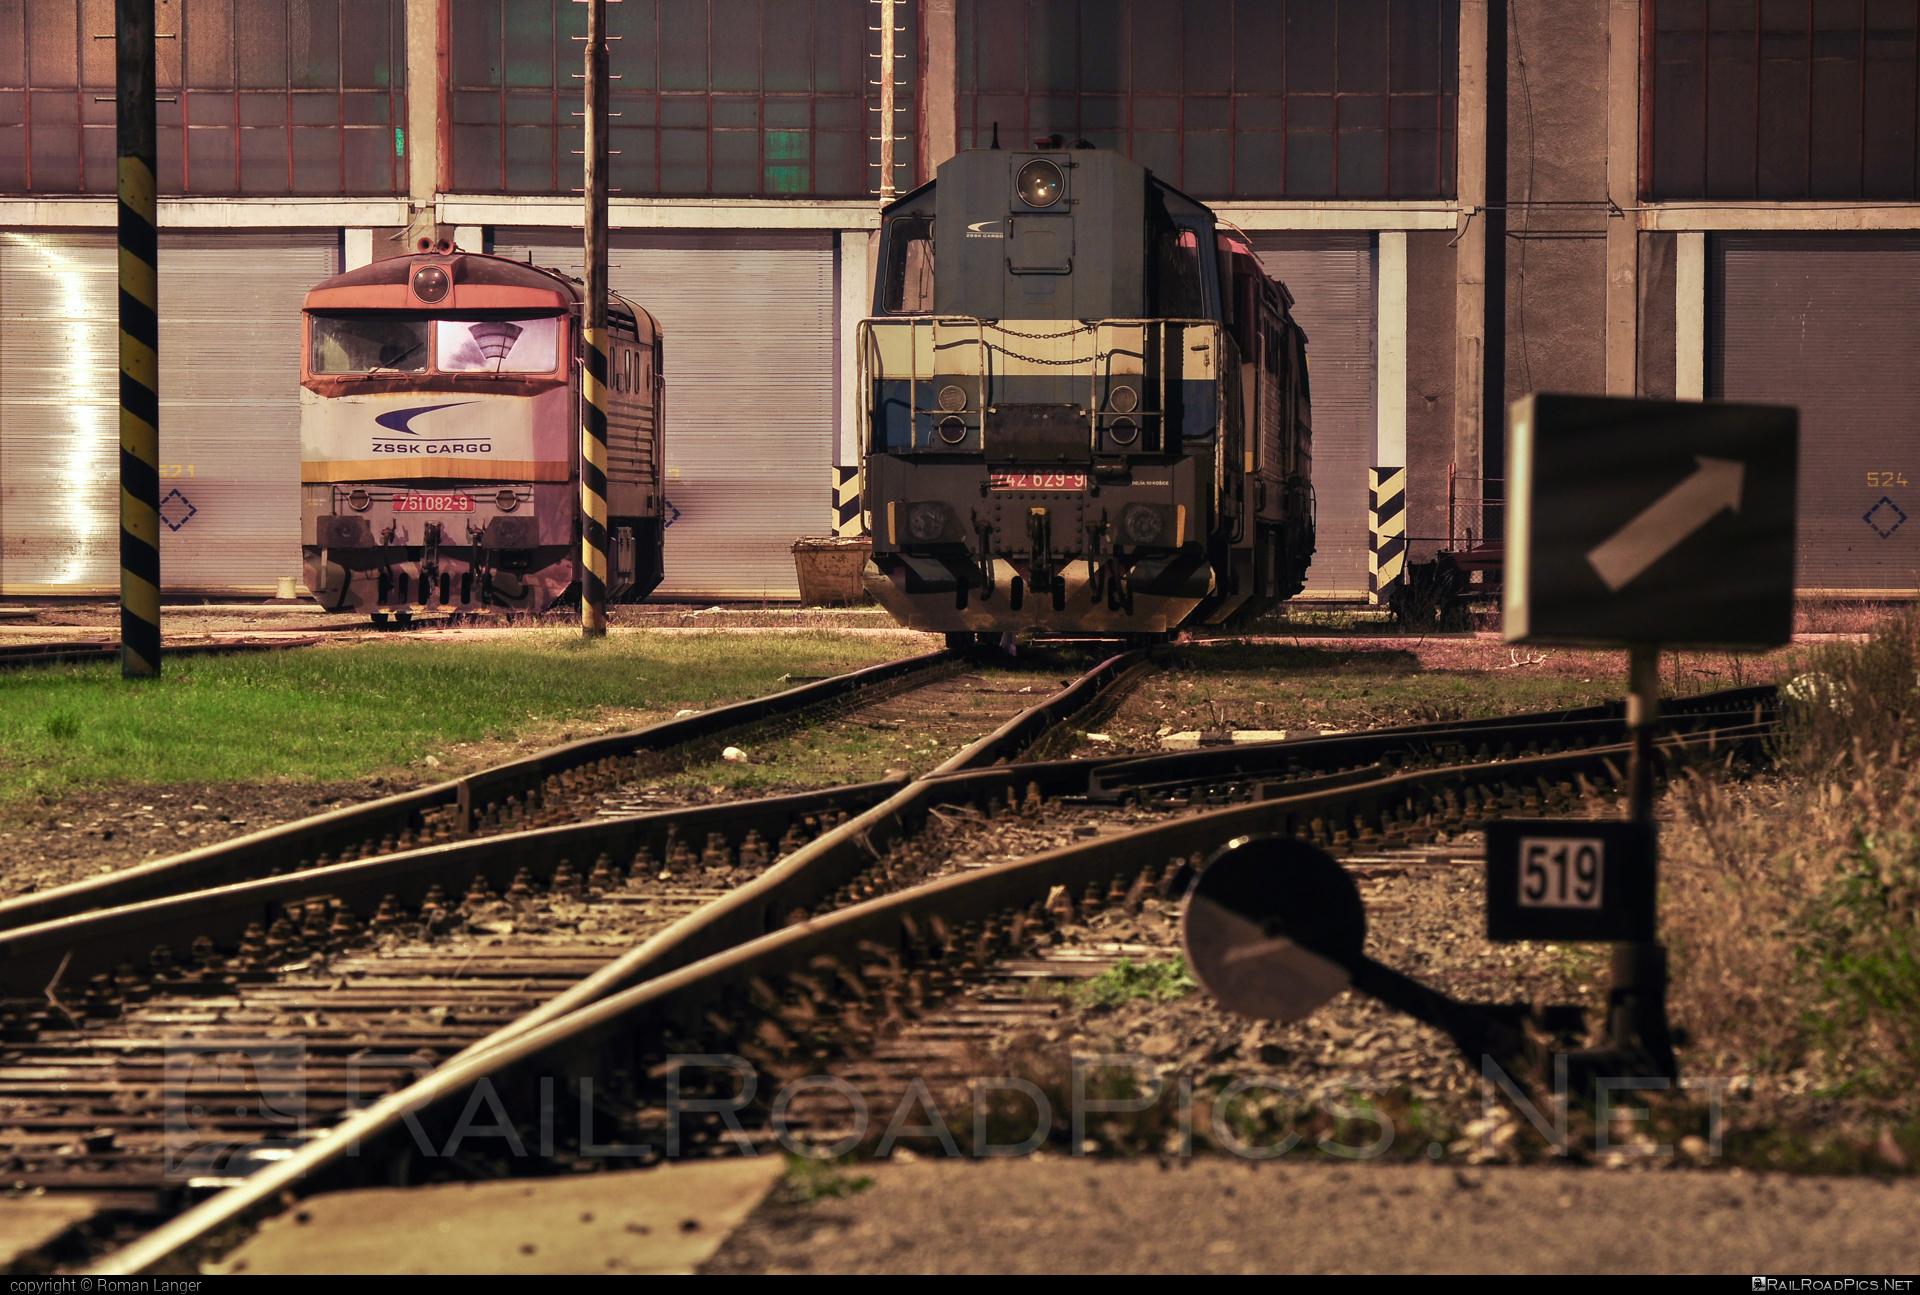 ČKD T 466.2 (742) - 742 629-9 operated by Železničná Spoločnost' Cargo Slovakia a.s. #ZeleznicnaSpolocnostCargoSlovakia #ckd #ckd4662 #ckd742 #ckdt4662 #kocur #zsskcargo